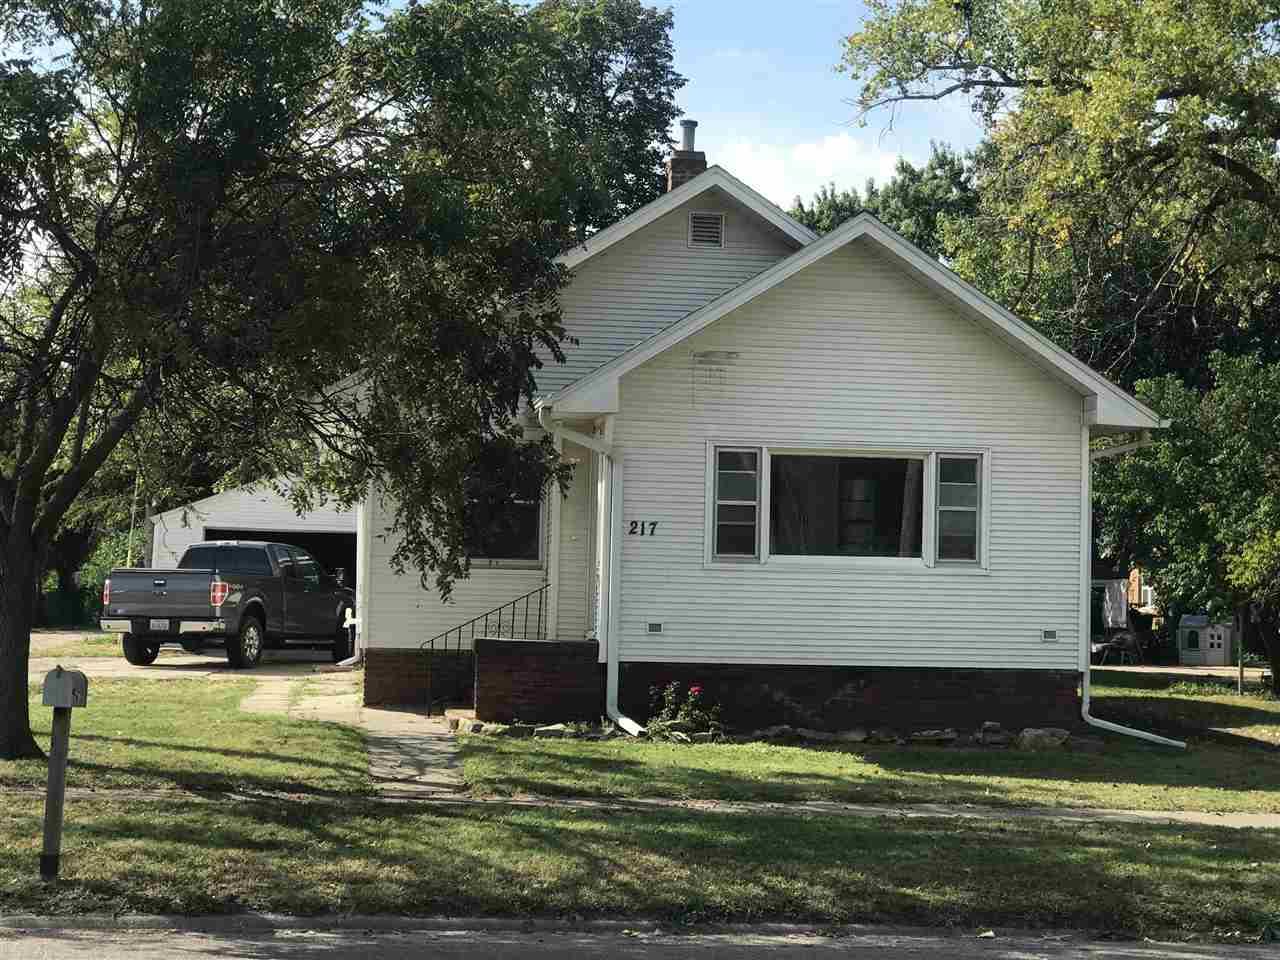 217 Elm, Hastings, Nebraska